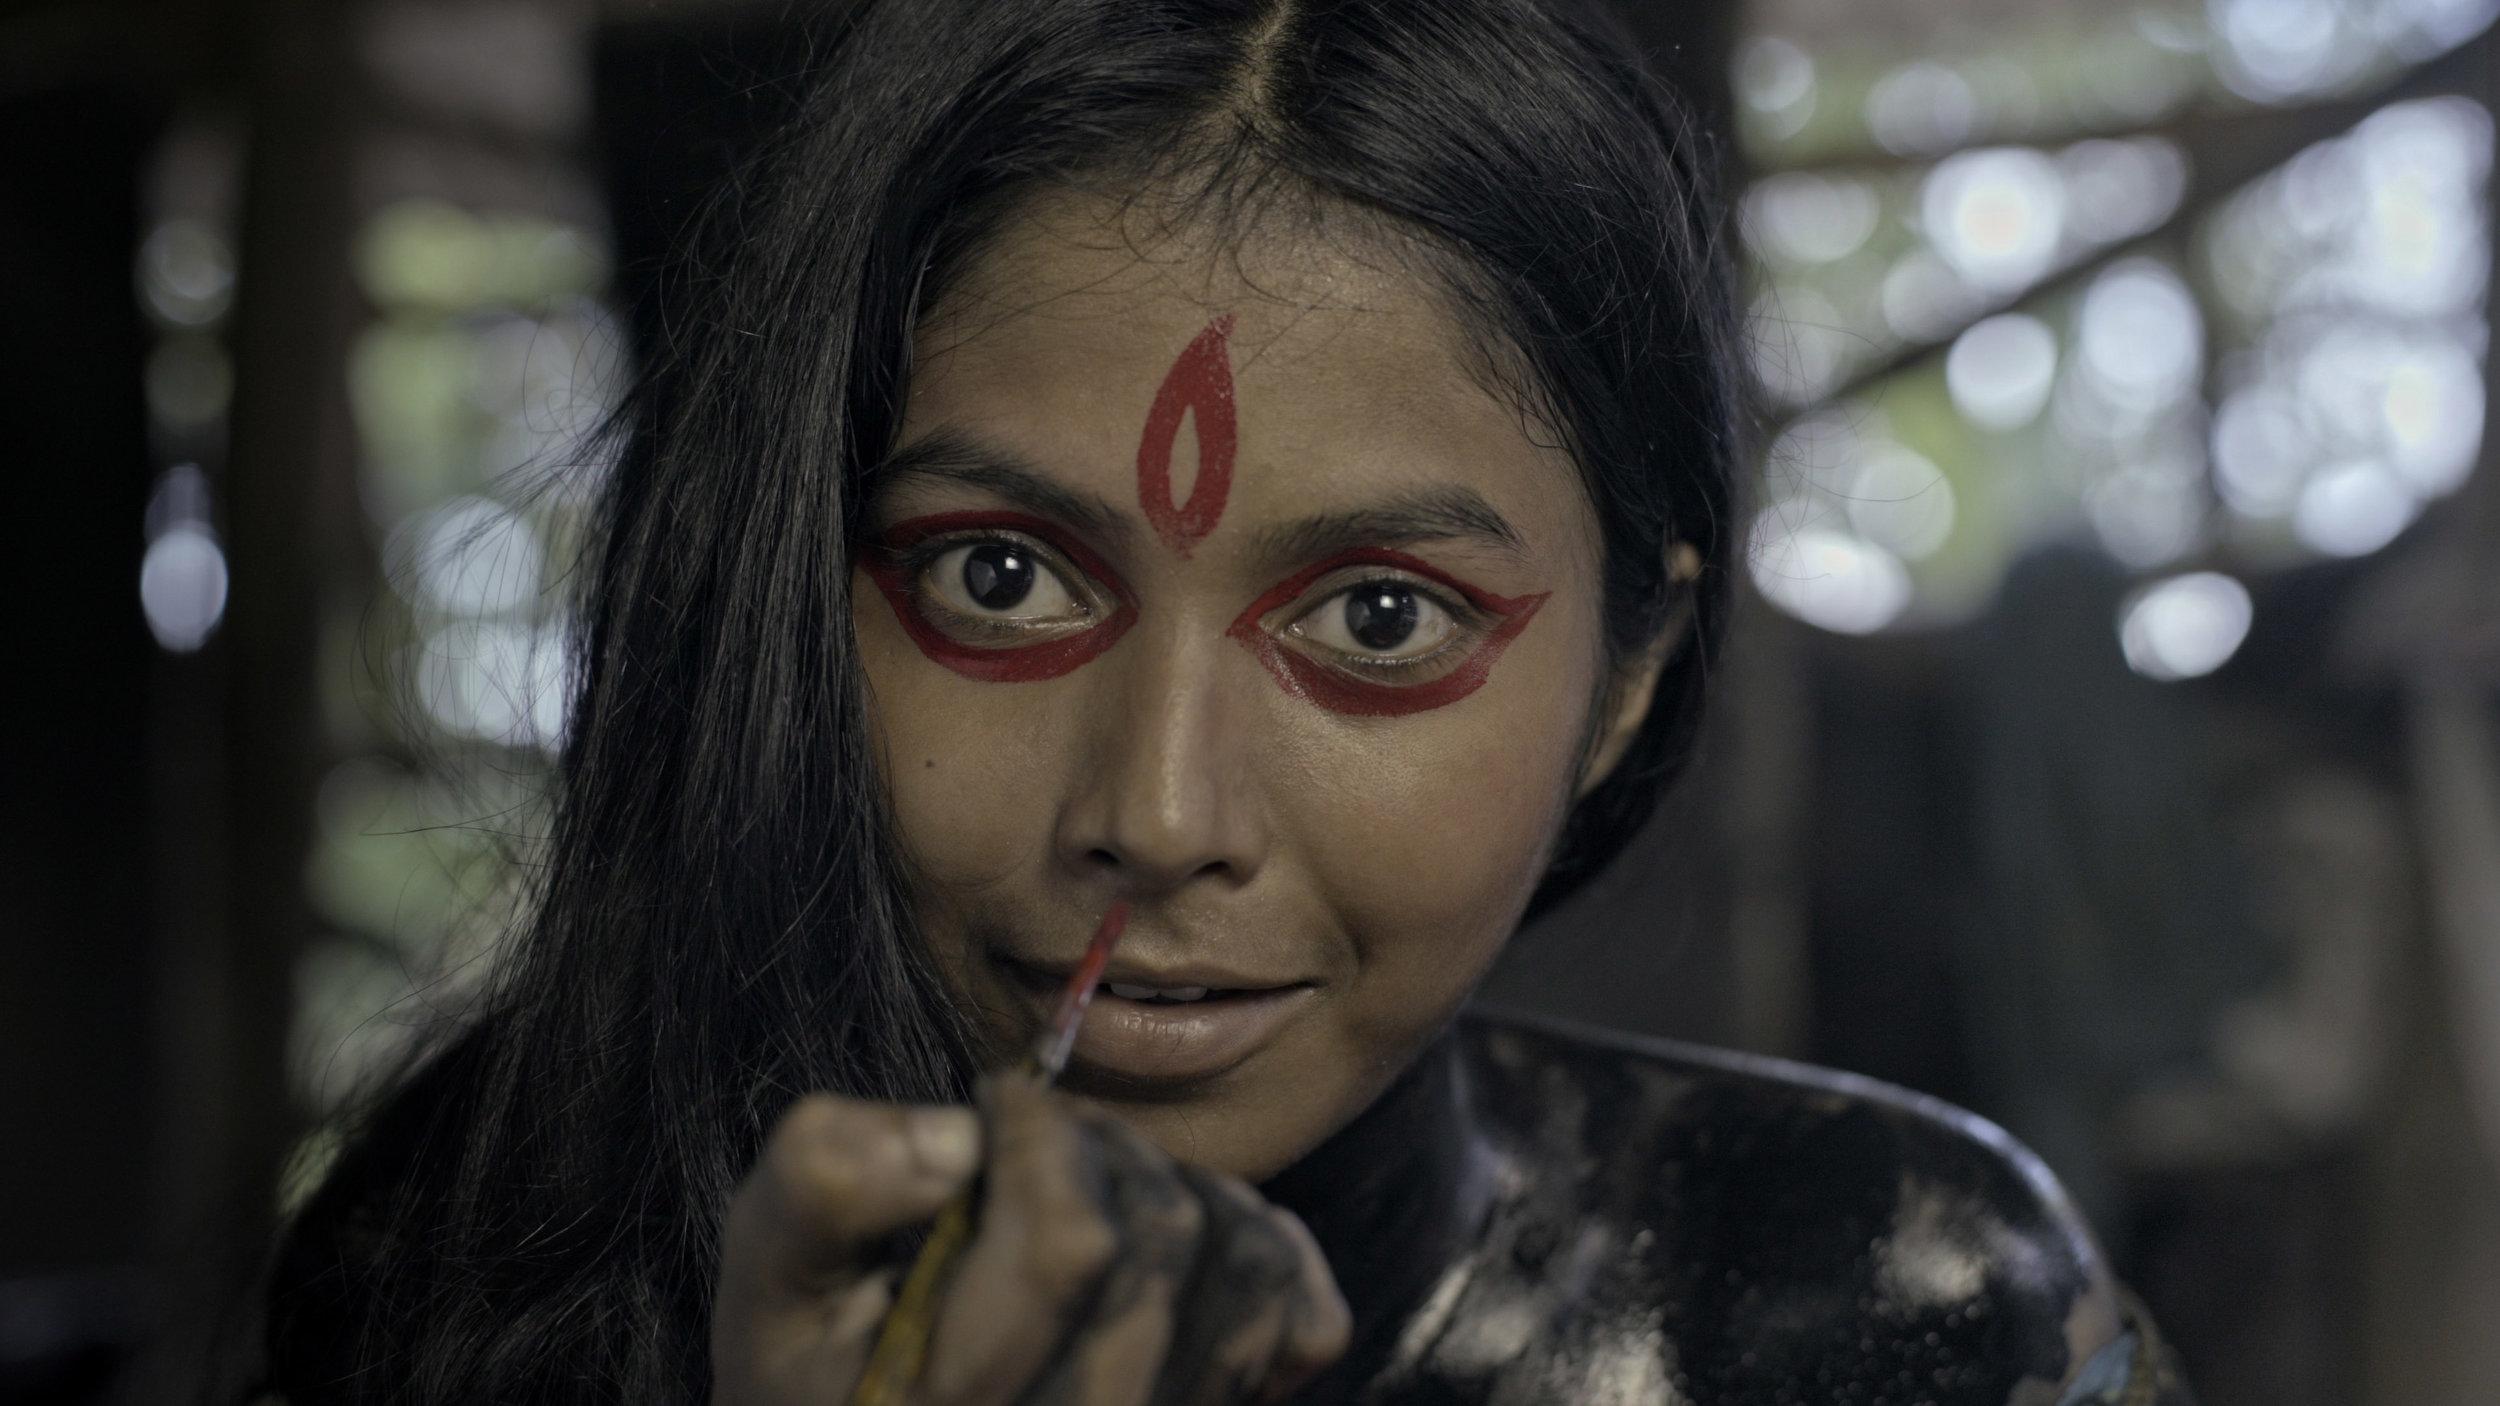 KAYANTAR / METAMORPHOSIS - Dramatic Short | India Rural Bengal | Bengali | 2019 | Rajdeep Paul & Sarmistha Maiti | 29 min